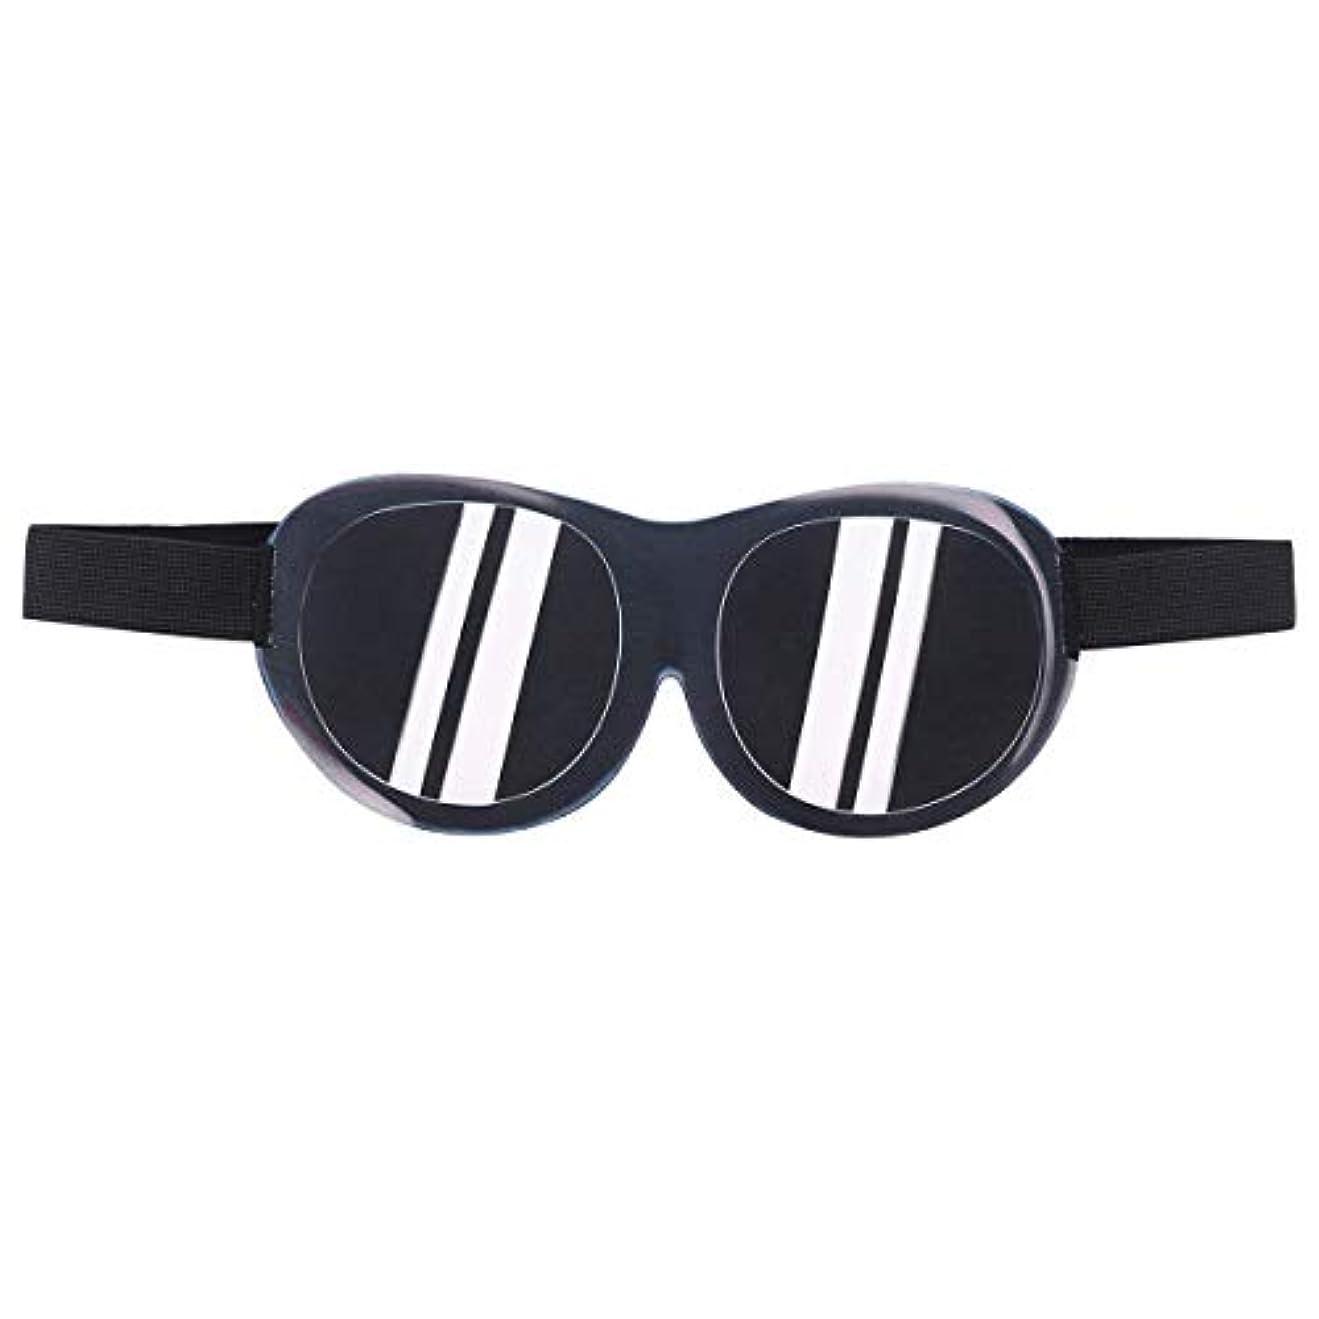 ベスビオ山抹消奇妙なHealifty 3D面白いアイシェード睡眠マスク旅行アイマスク目隠し睡眠ヘルパーアイシェード男性女性旅行昼寝と深い睡眠(サングラスを装ったふりをする)